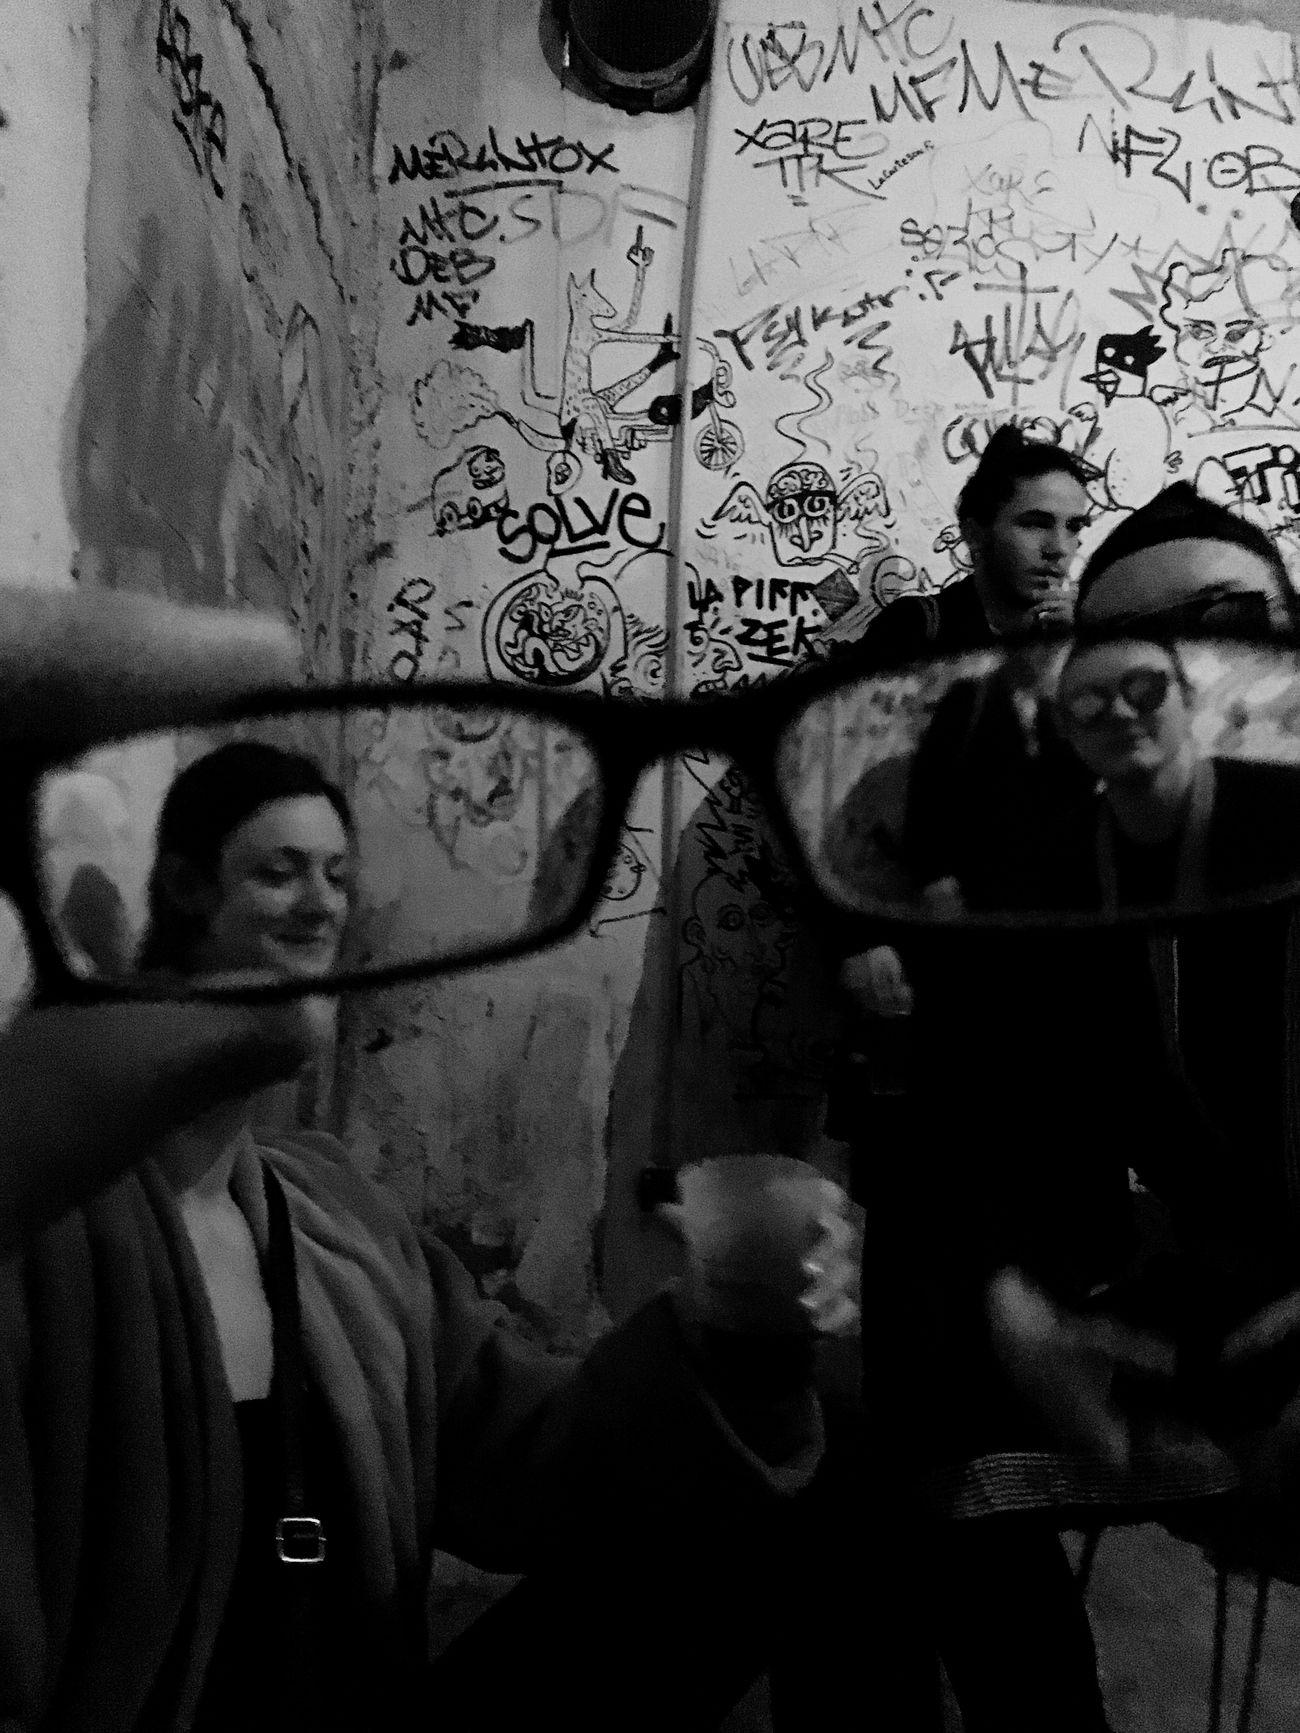 Capture d'autant plus précieuse que j'ai failli casser les lunettes d'un ami pour un résultat quelque peu décevant Lifestyles Real People Tag Tags Graffiti Art Graffiti Leisure Activity Indoors  Smiling Young Adult Noiretblanc Blackandwhite